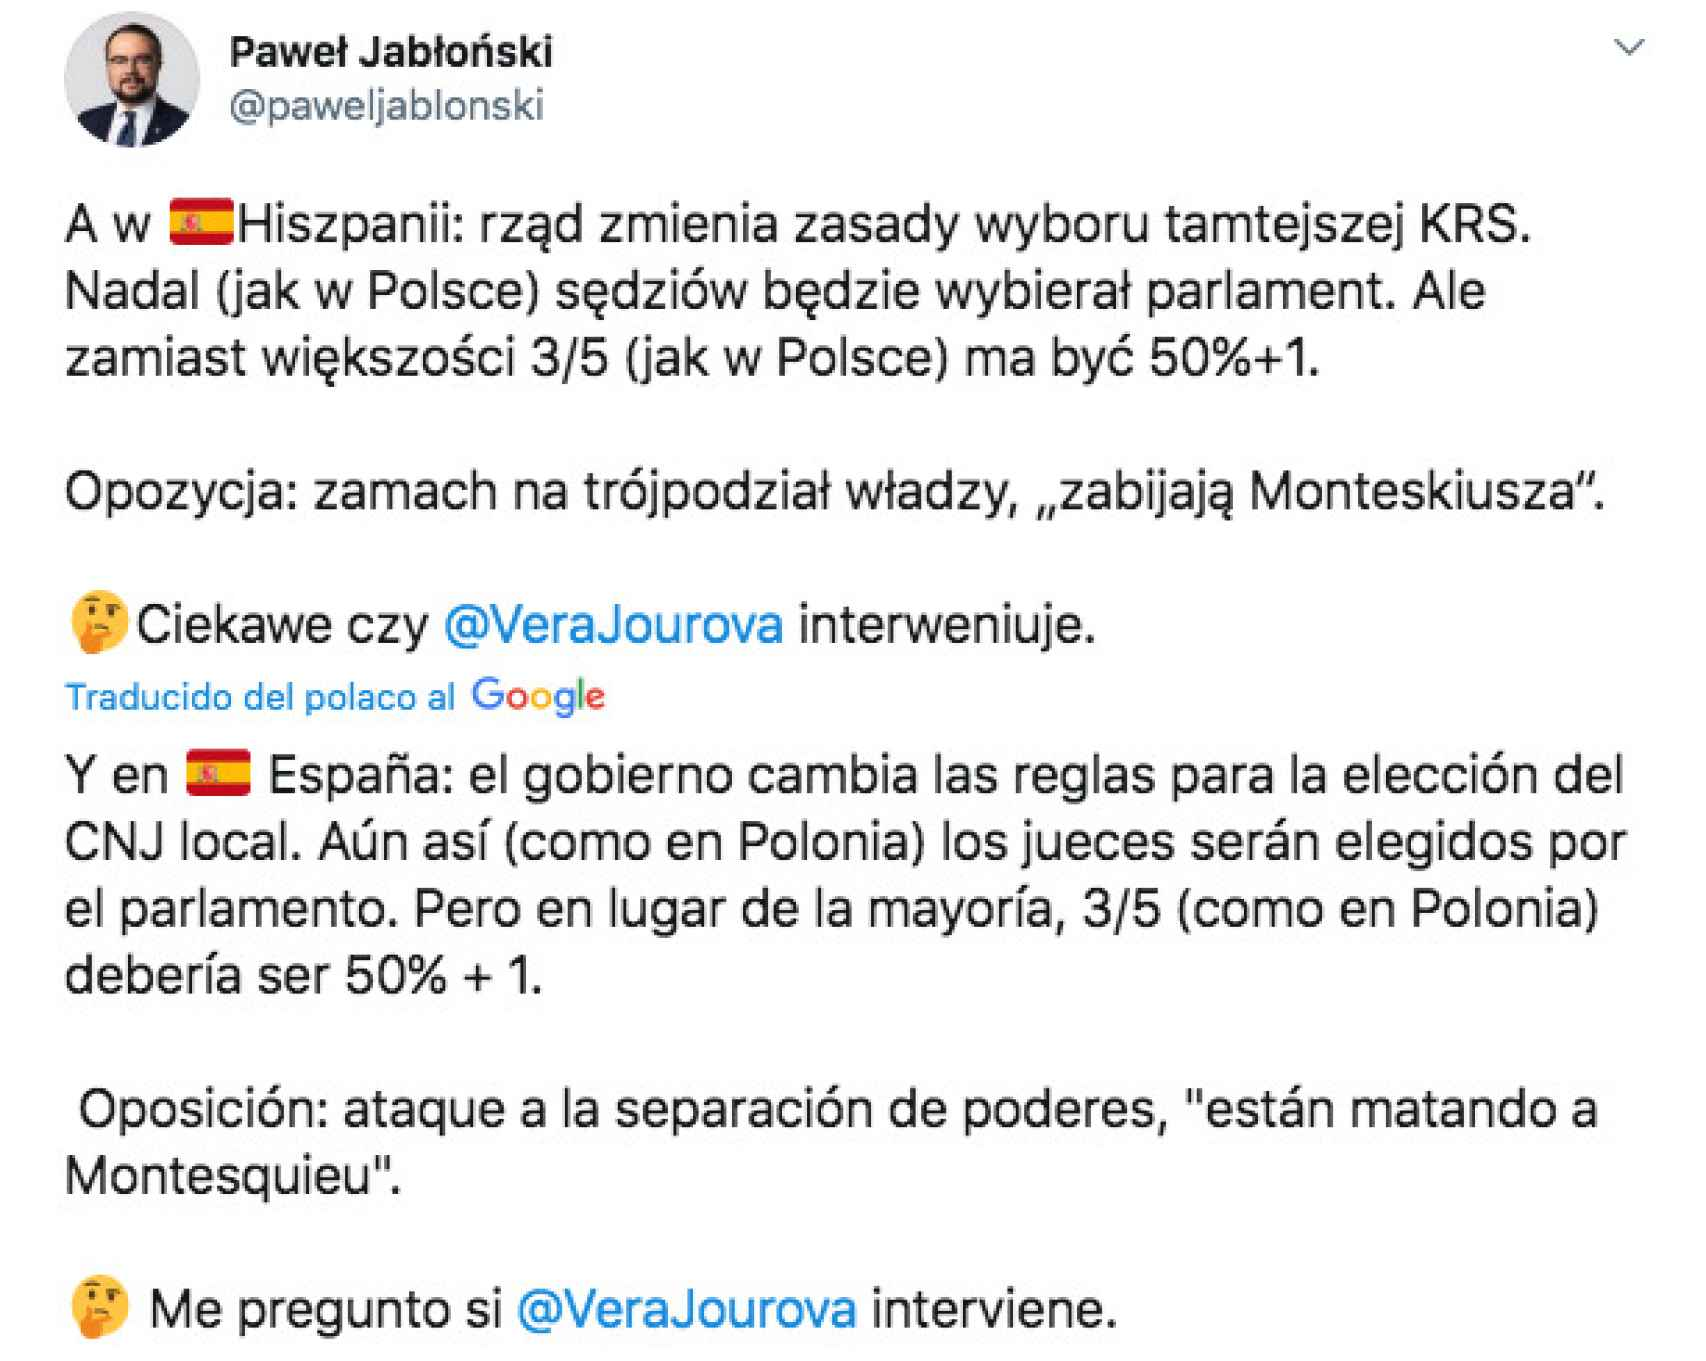 Tuit difundido por el 'número dos' de Exteriores polaco, Pawel Jablonski.